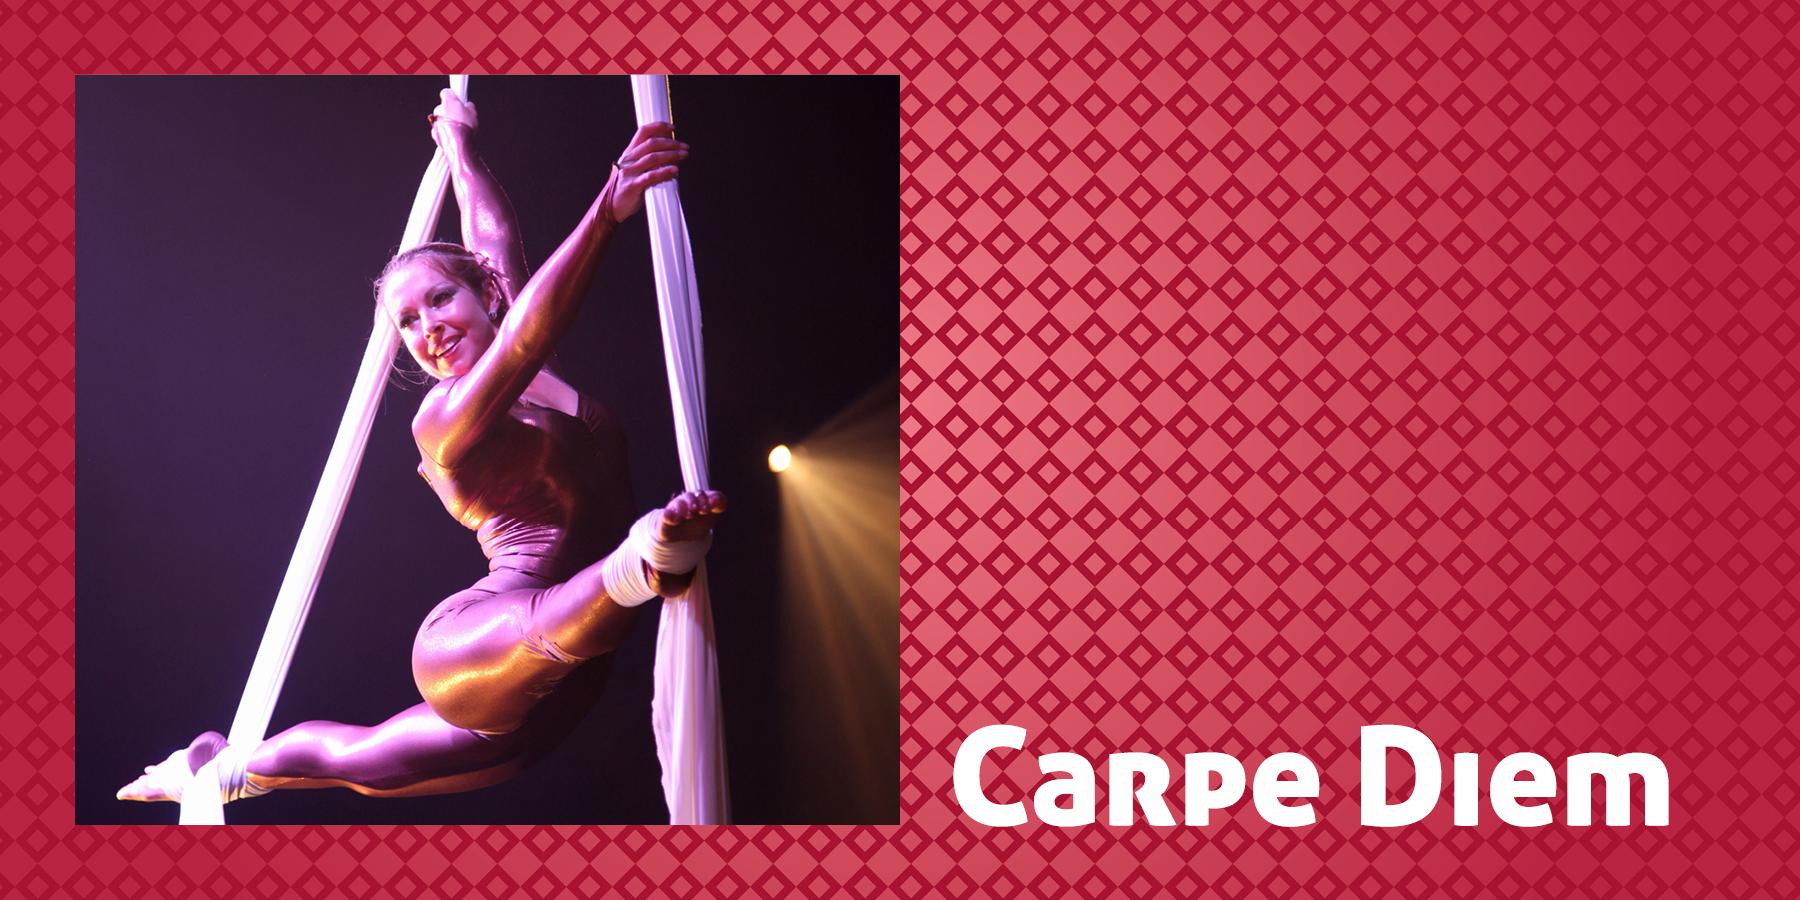 CE - Carpe Diem